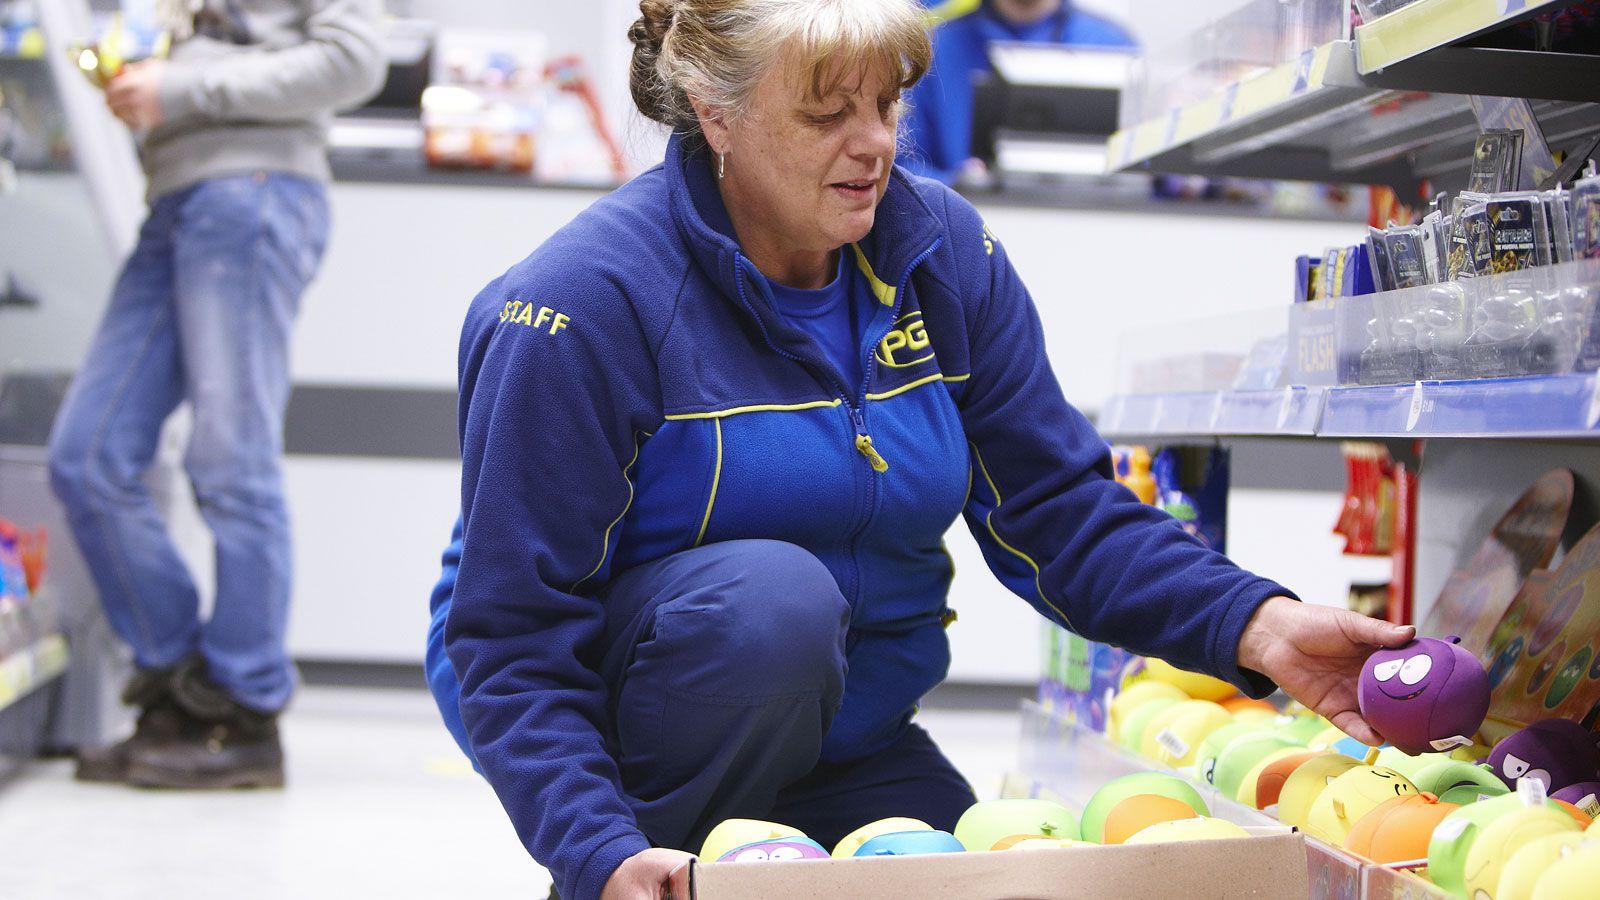 Retail Stocking Jobs Sex Picture Women Usa